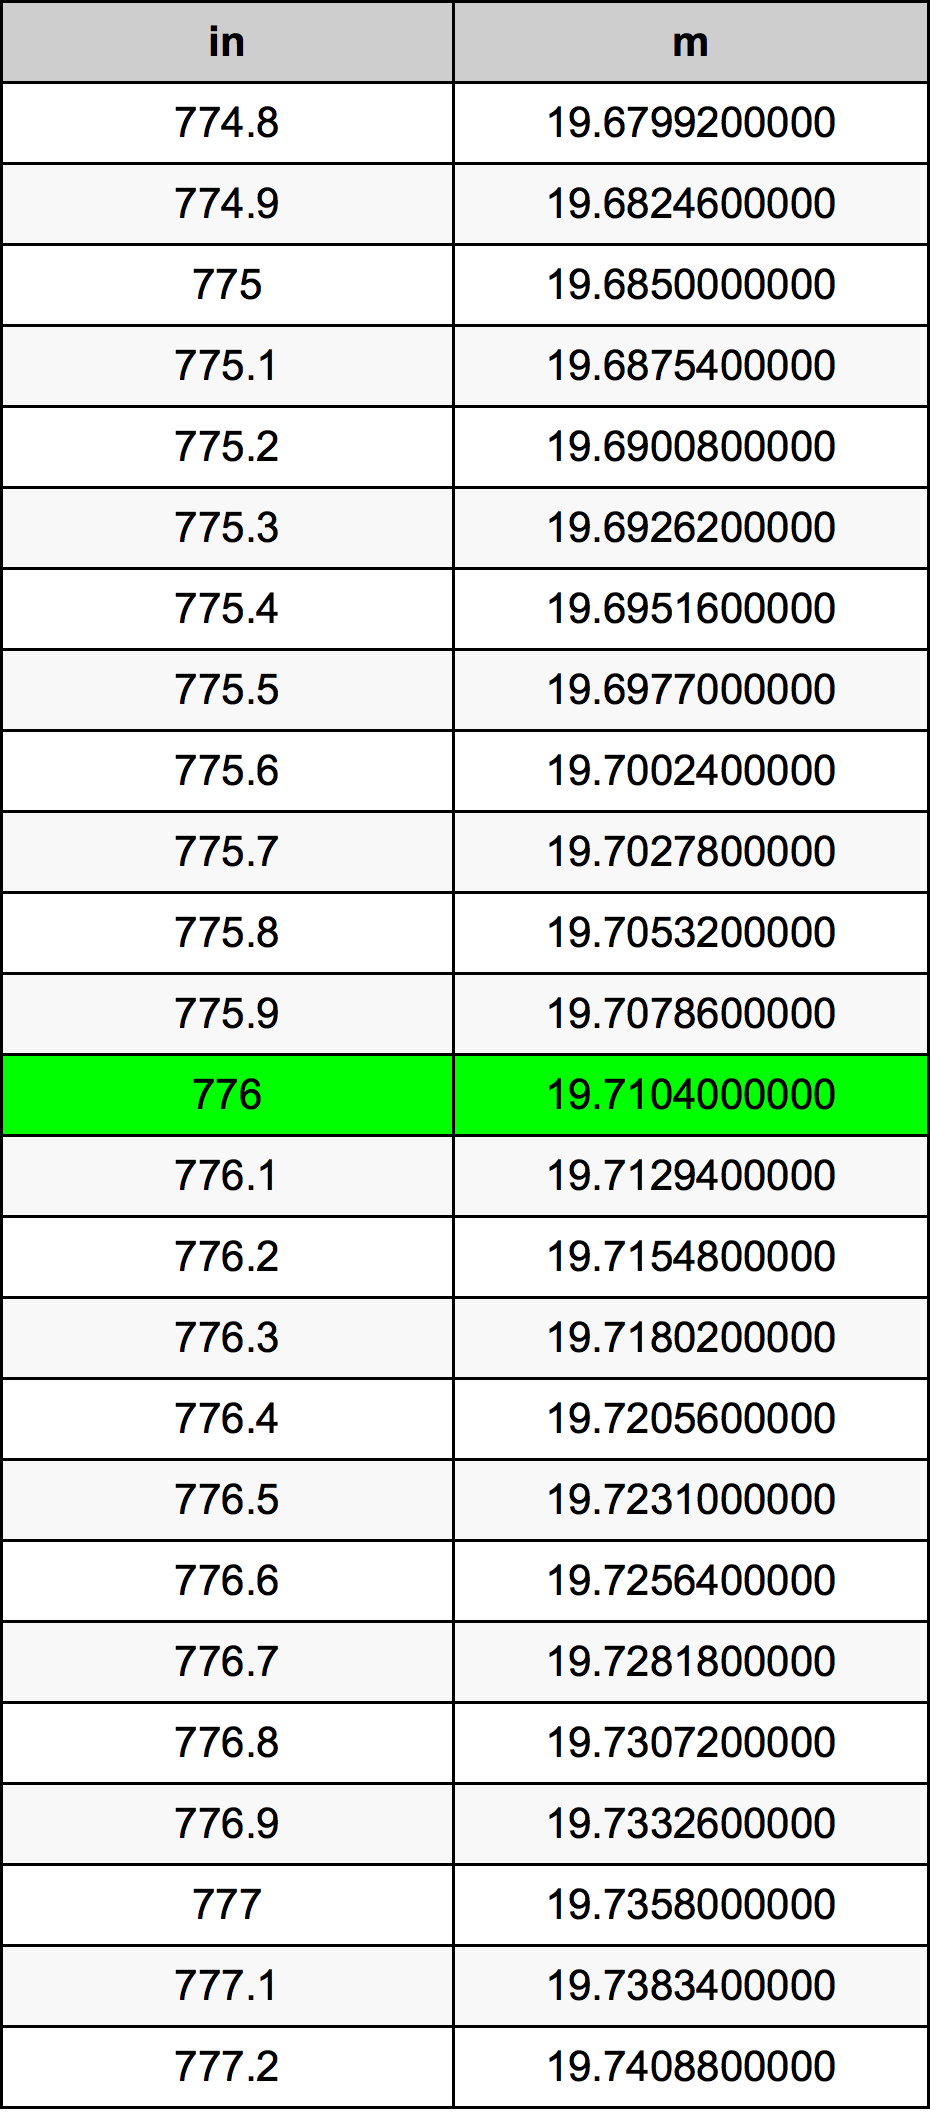 776 Pouce table de conversion